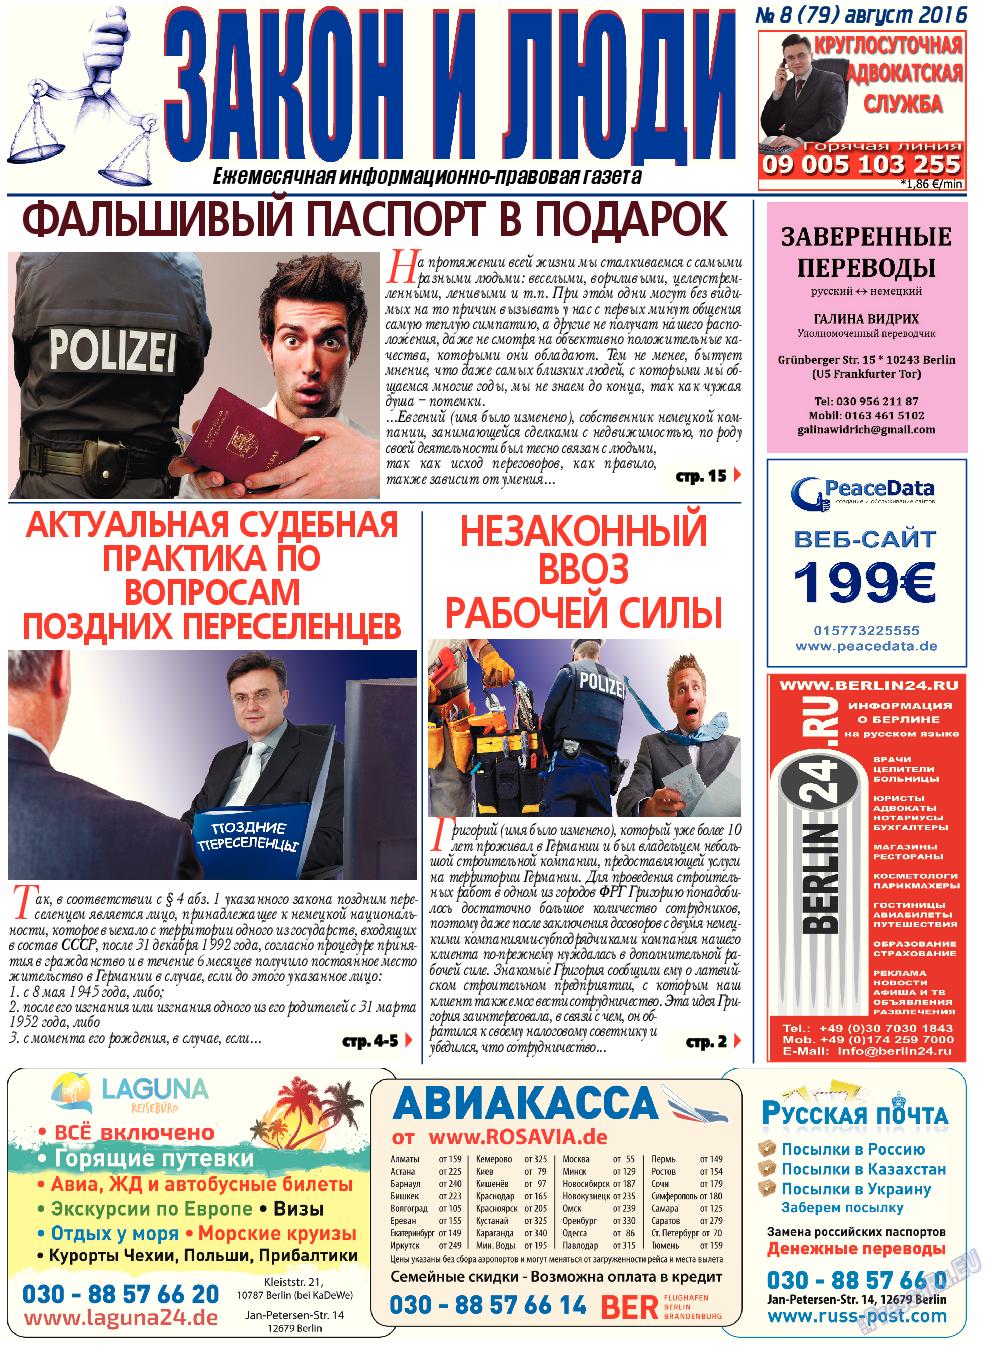 Закон и люди (газета). 2016 год, номер 8, стр. 1